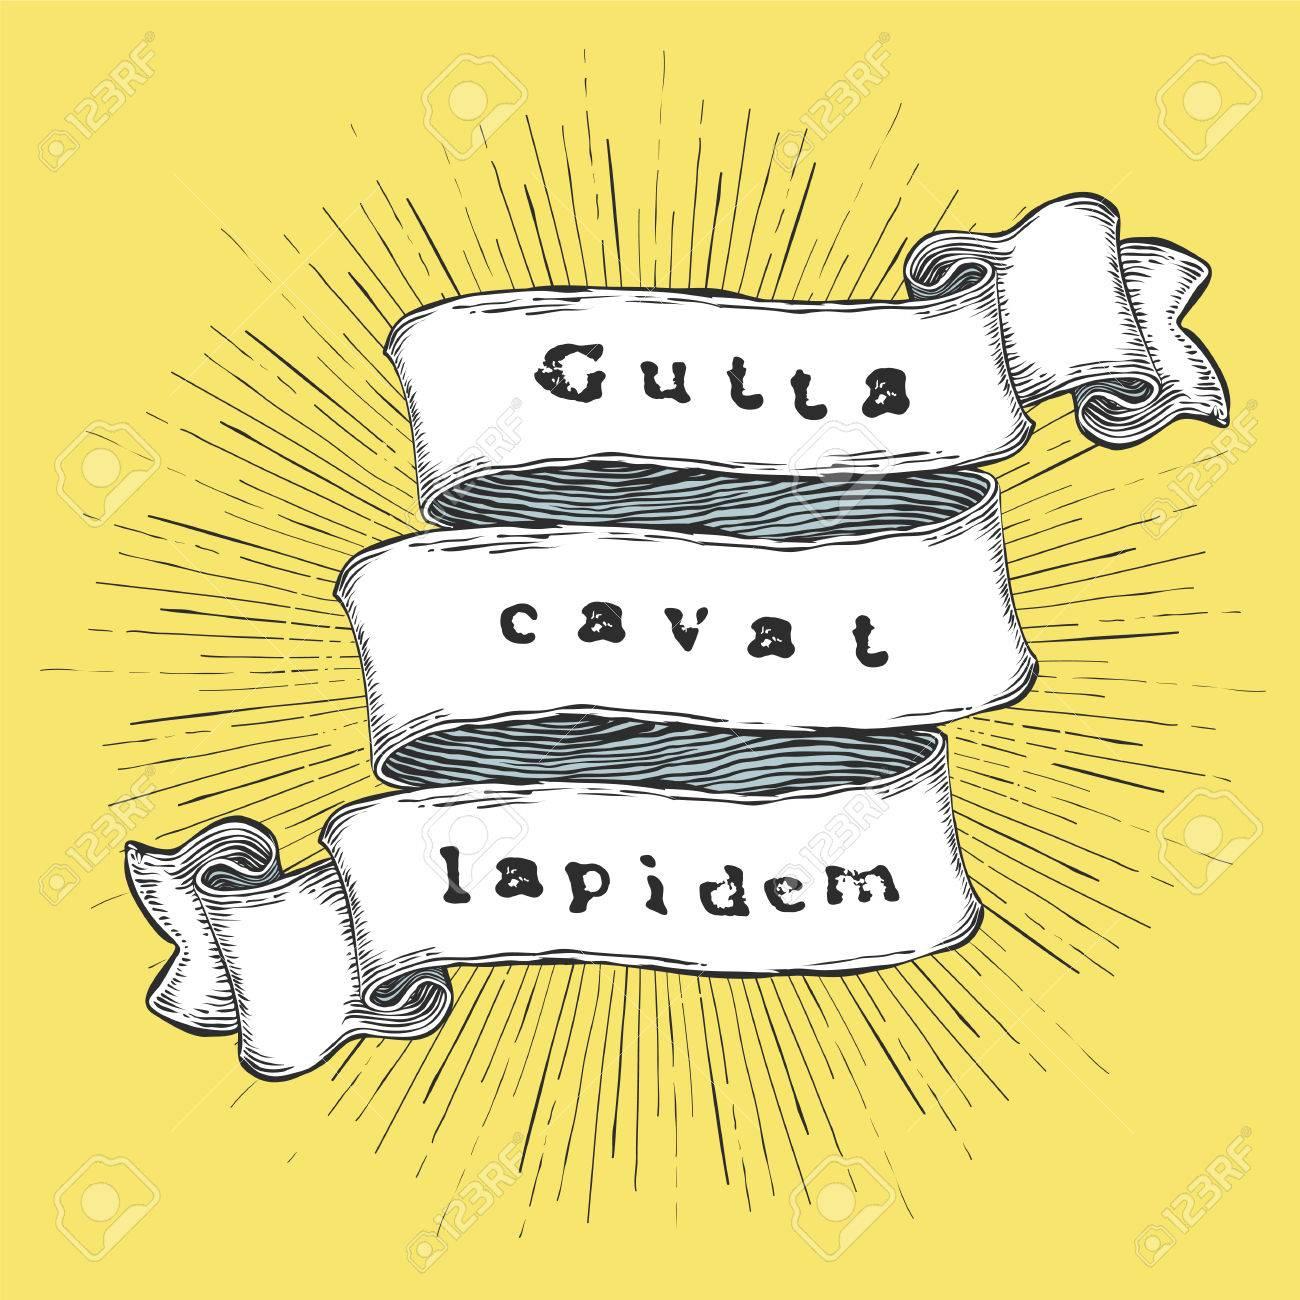 Gutta Cavat Lapidem Phrase Latine Une Goutte D Eau Creuse Une Pierre Citation Vintage Dessinés à La Main Sur Le Ruban